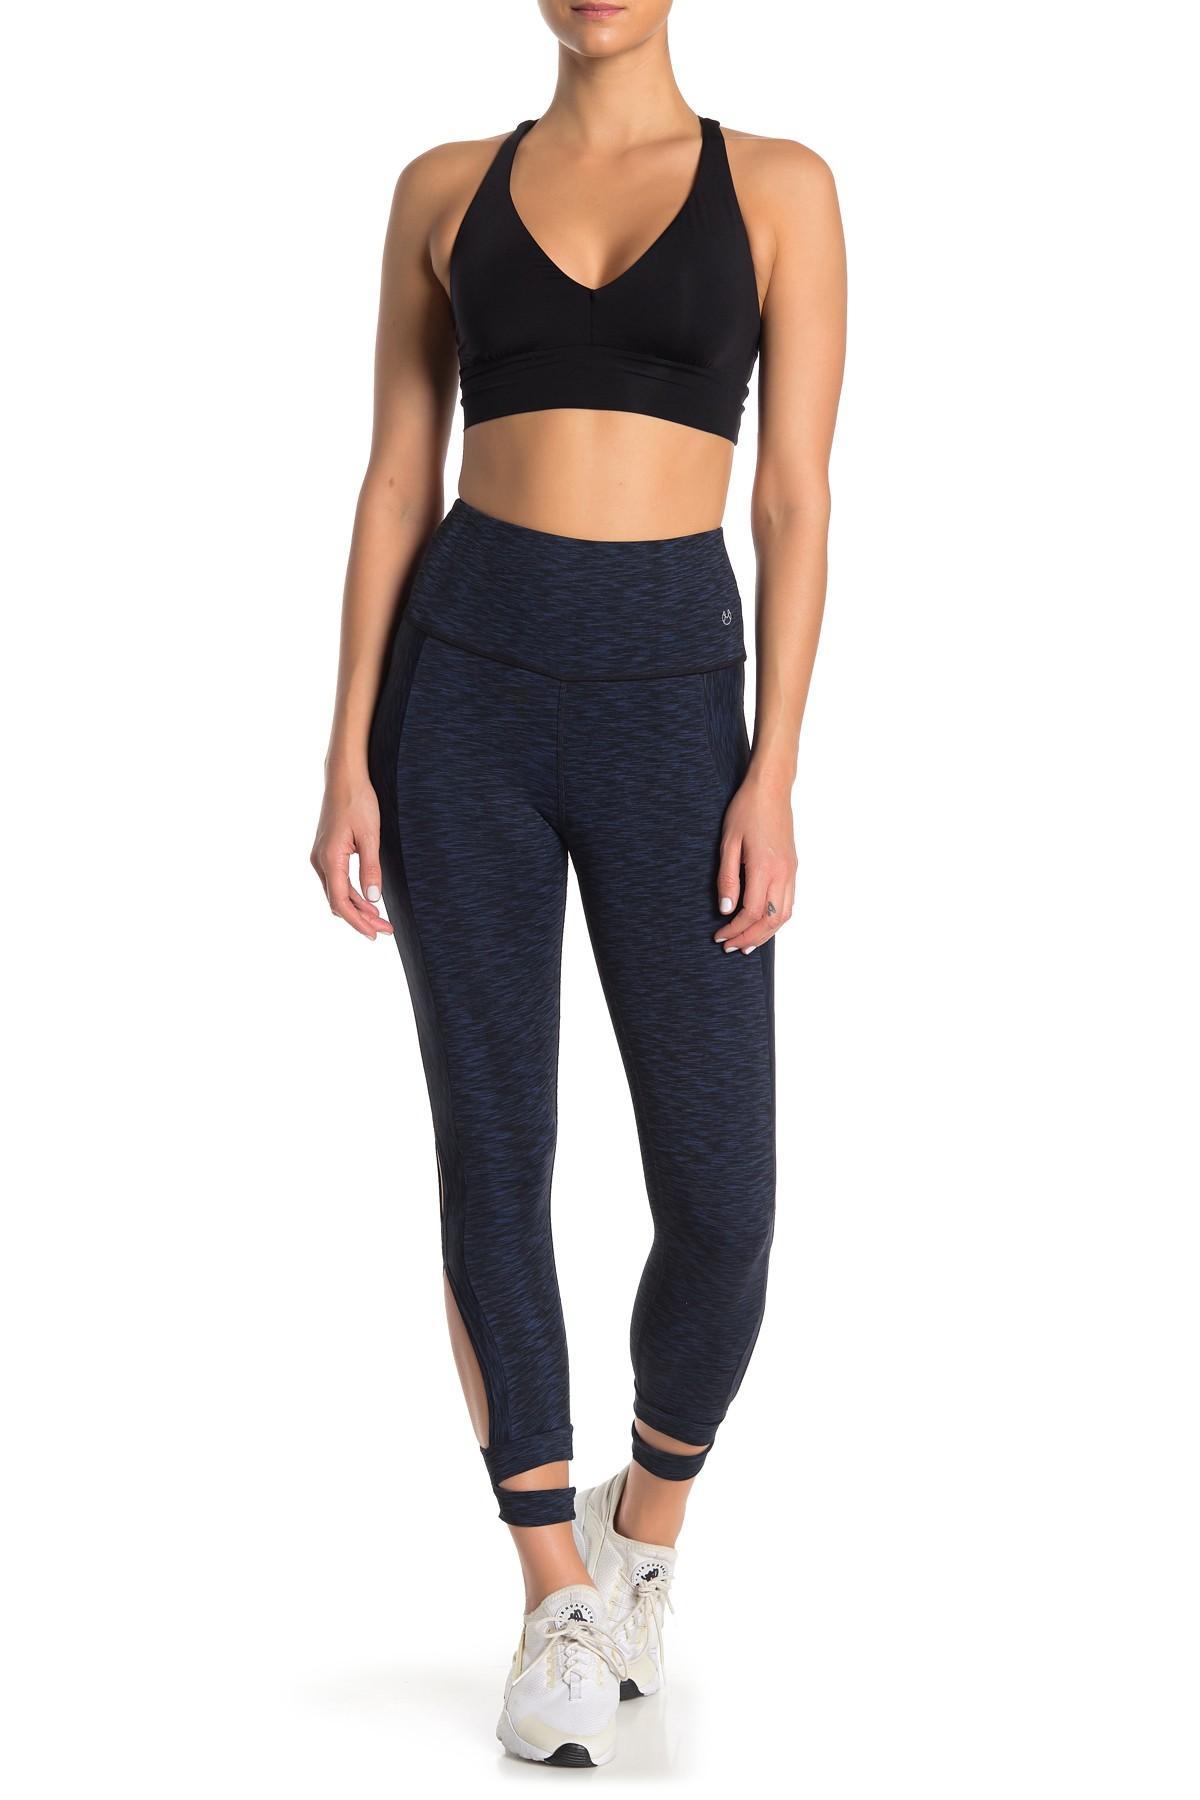 75e0391d60 Maaji. Women's Black Pulse Space Dye Cutout Leggings. $76 $35 From Nordstrom  Rack